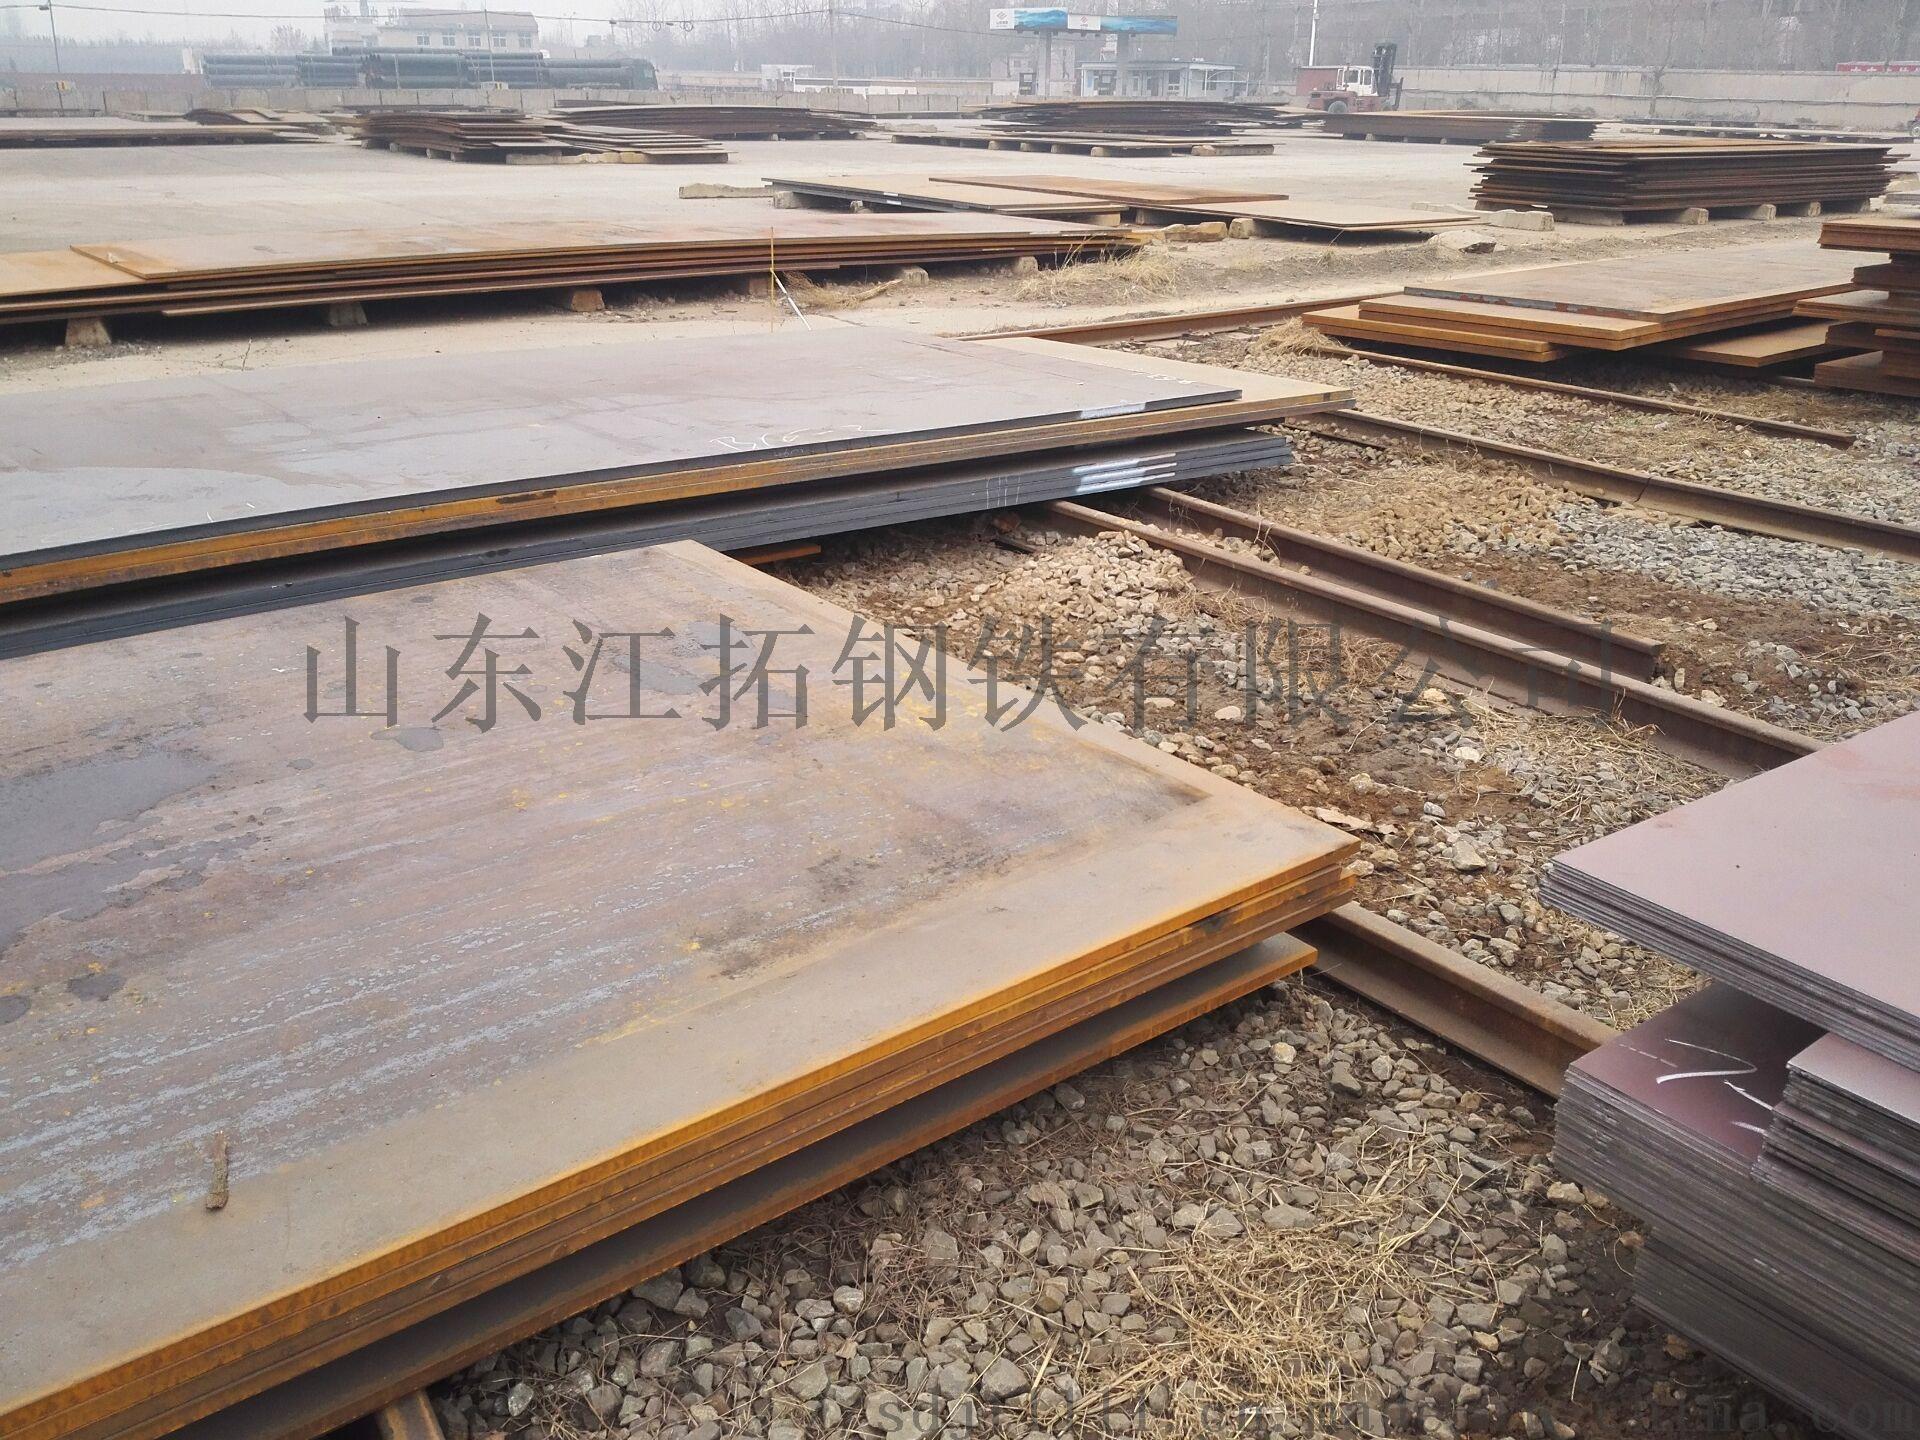 莱钢H型钢现货资源 日钢H型钢厂家直发规格齐全 发货快904302655